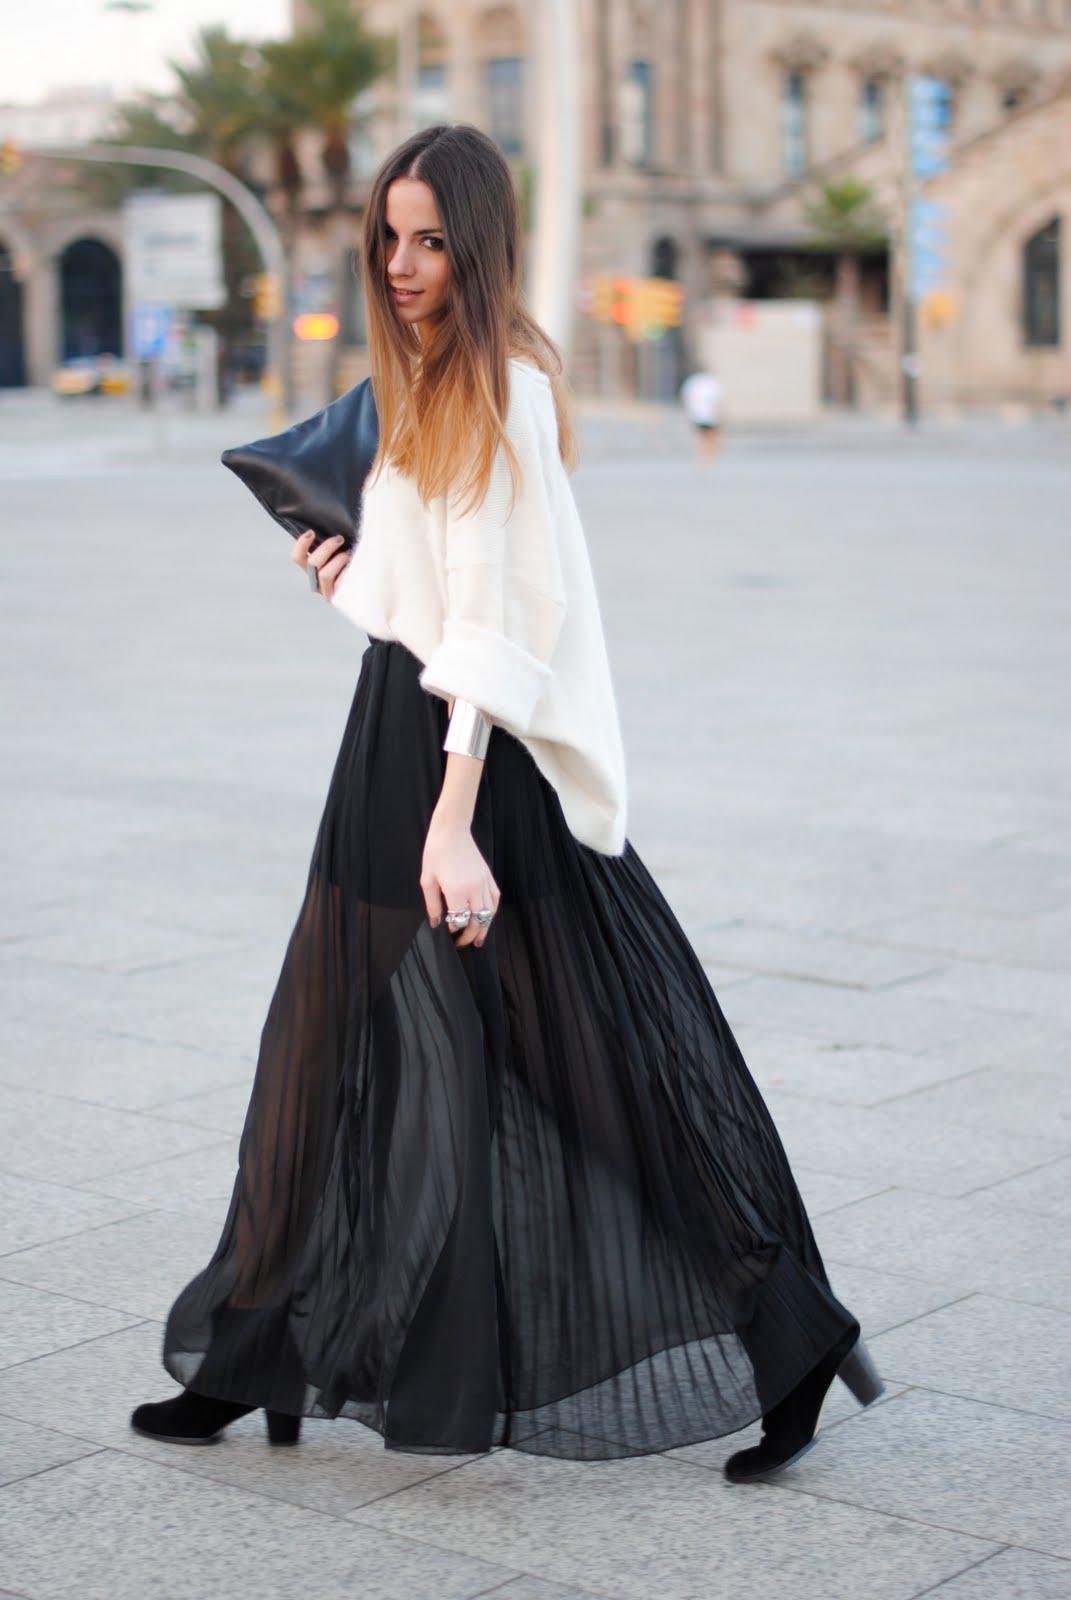 mochilas desigual outlet Desigual Mujer Faldas, Mujer Faldas Desigual AFRODITA - Falda larga - blanco,bolsos desigual imitacion,desigual españa carteras,delicado .